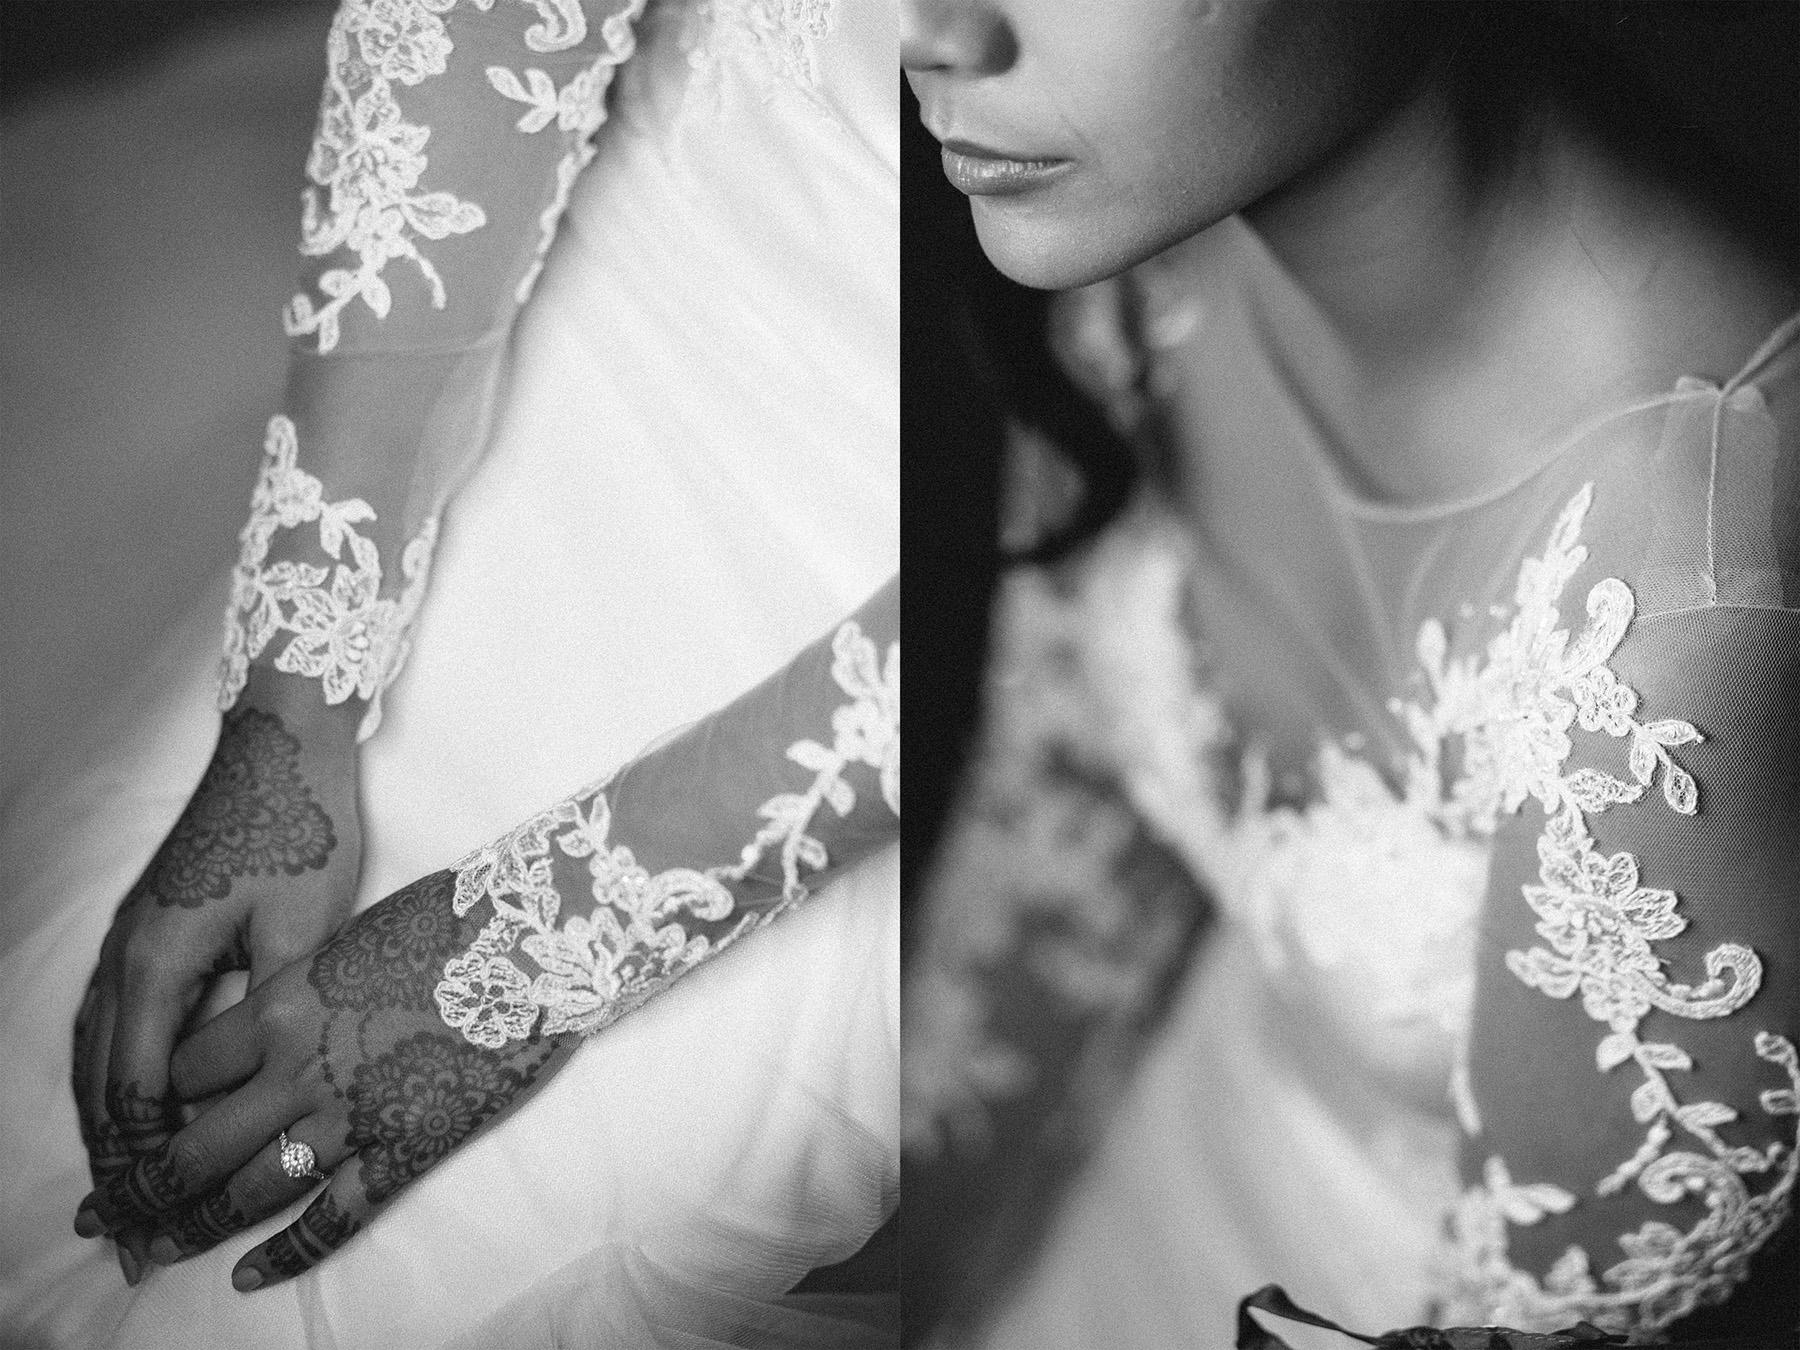 singapore-wedding-photographer-wemadethese-bw-020.jpg